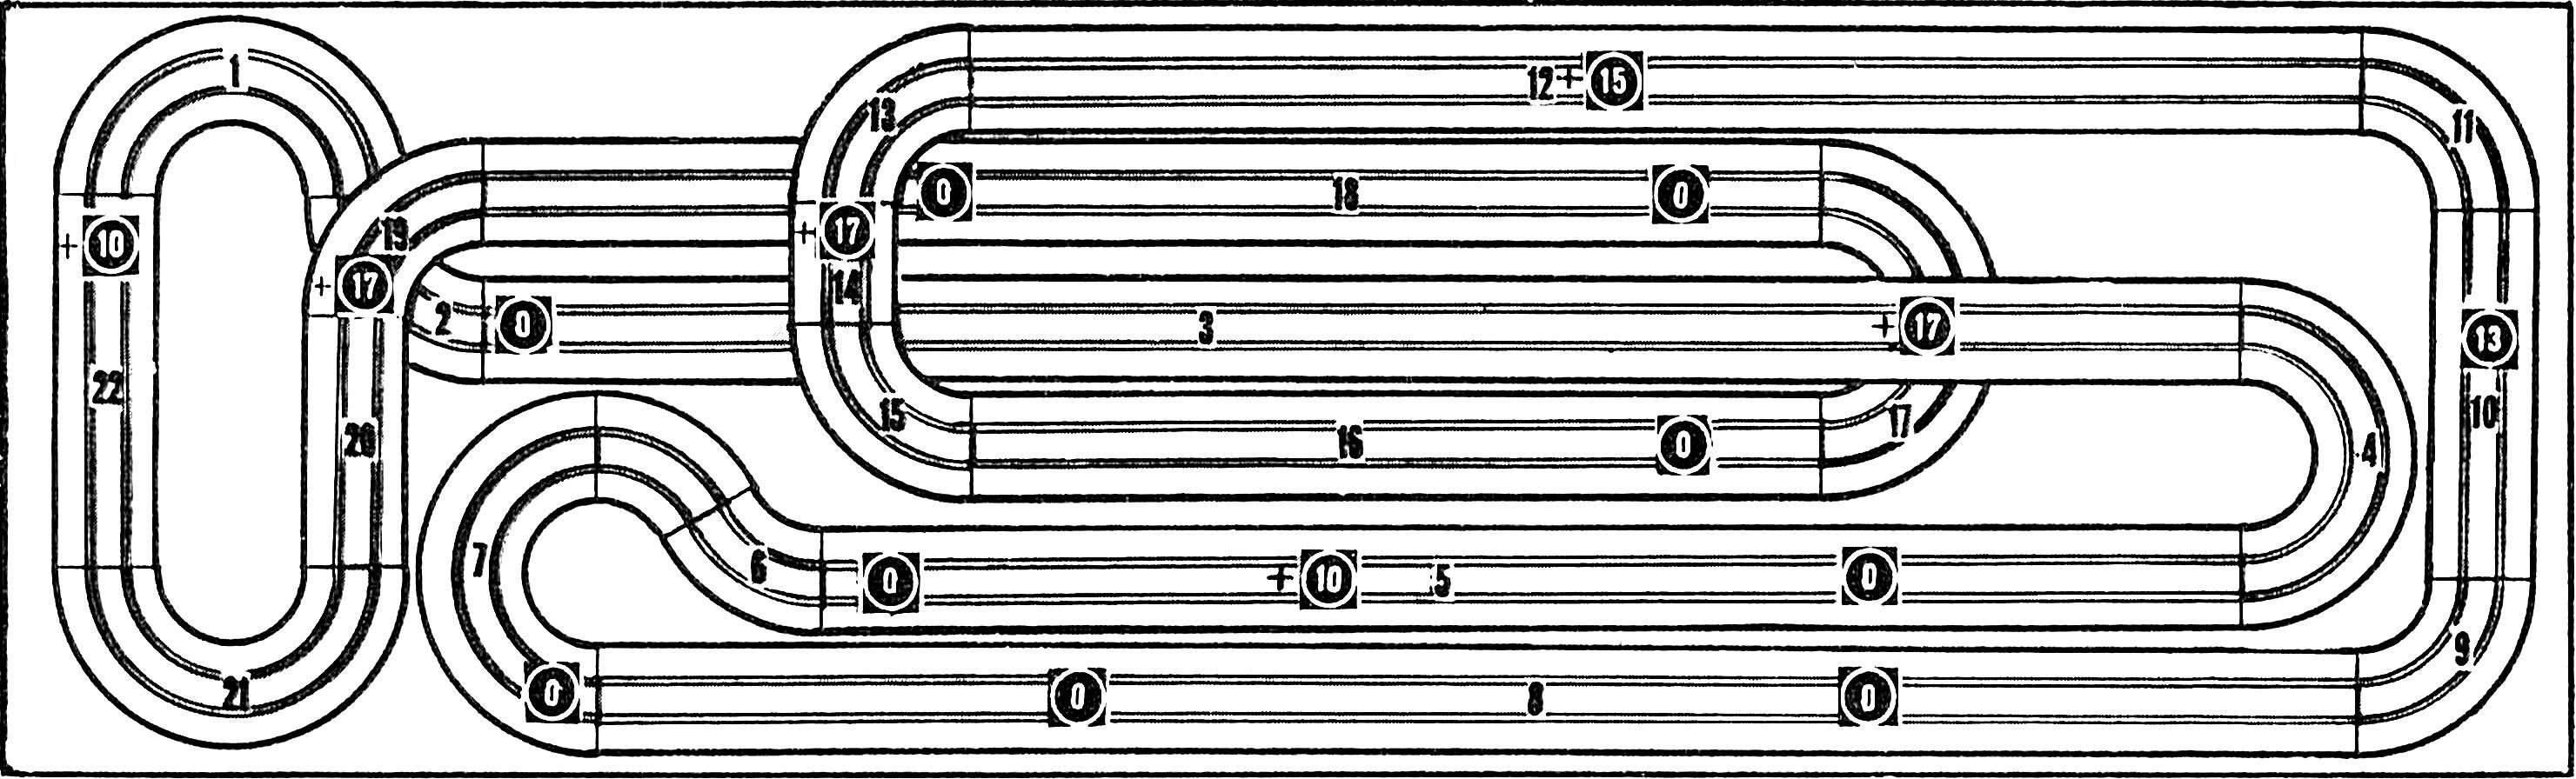 Схема трассы.